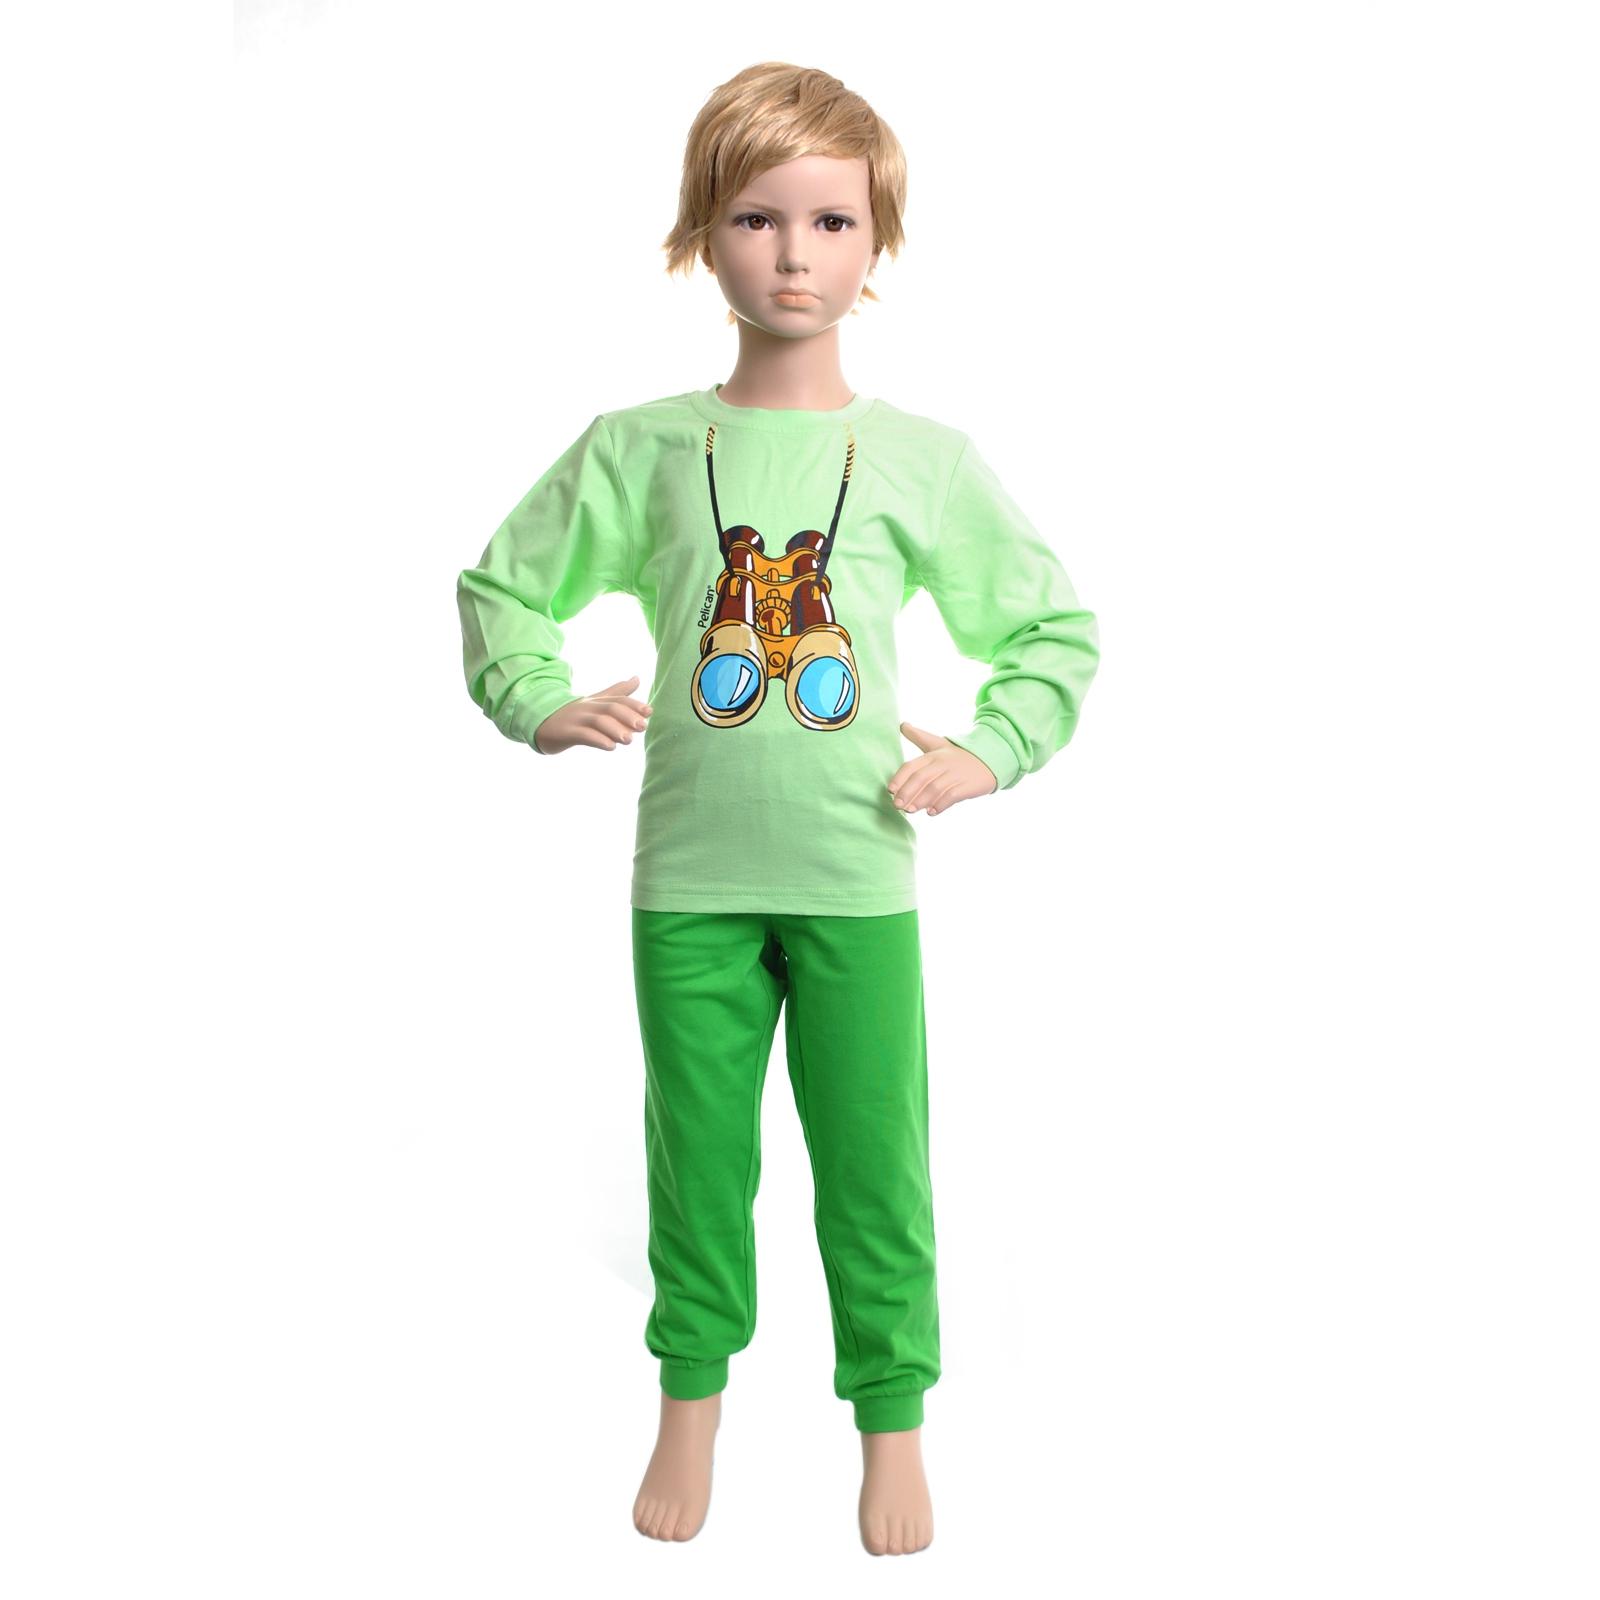 Пижама Pelican цвет Зеленый BNJP295 возраст 18-24 мес.